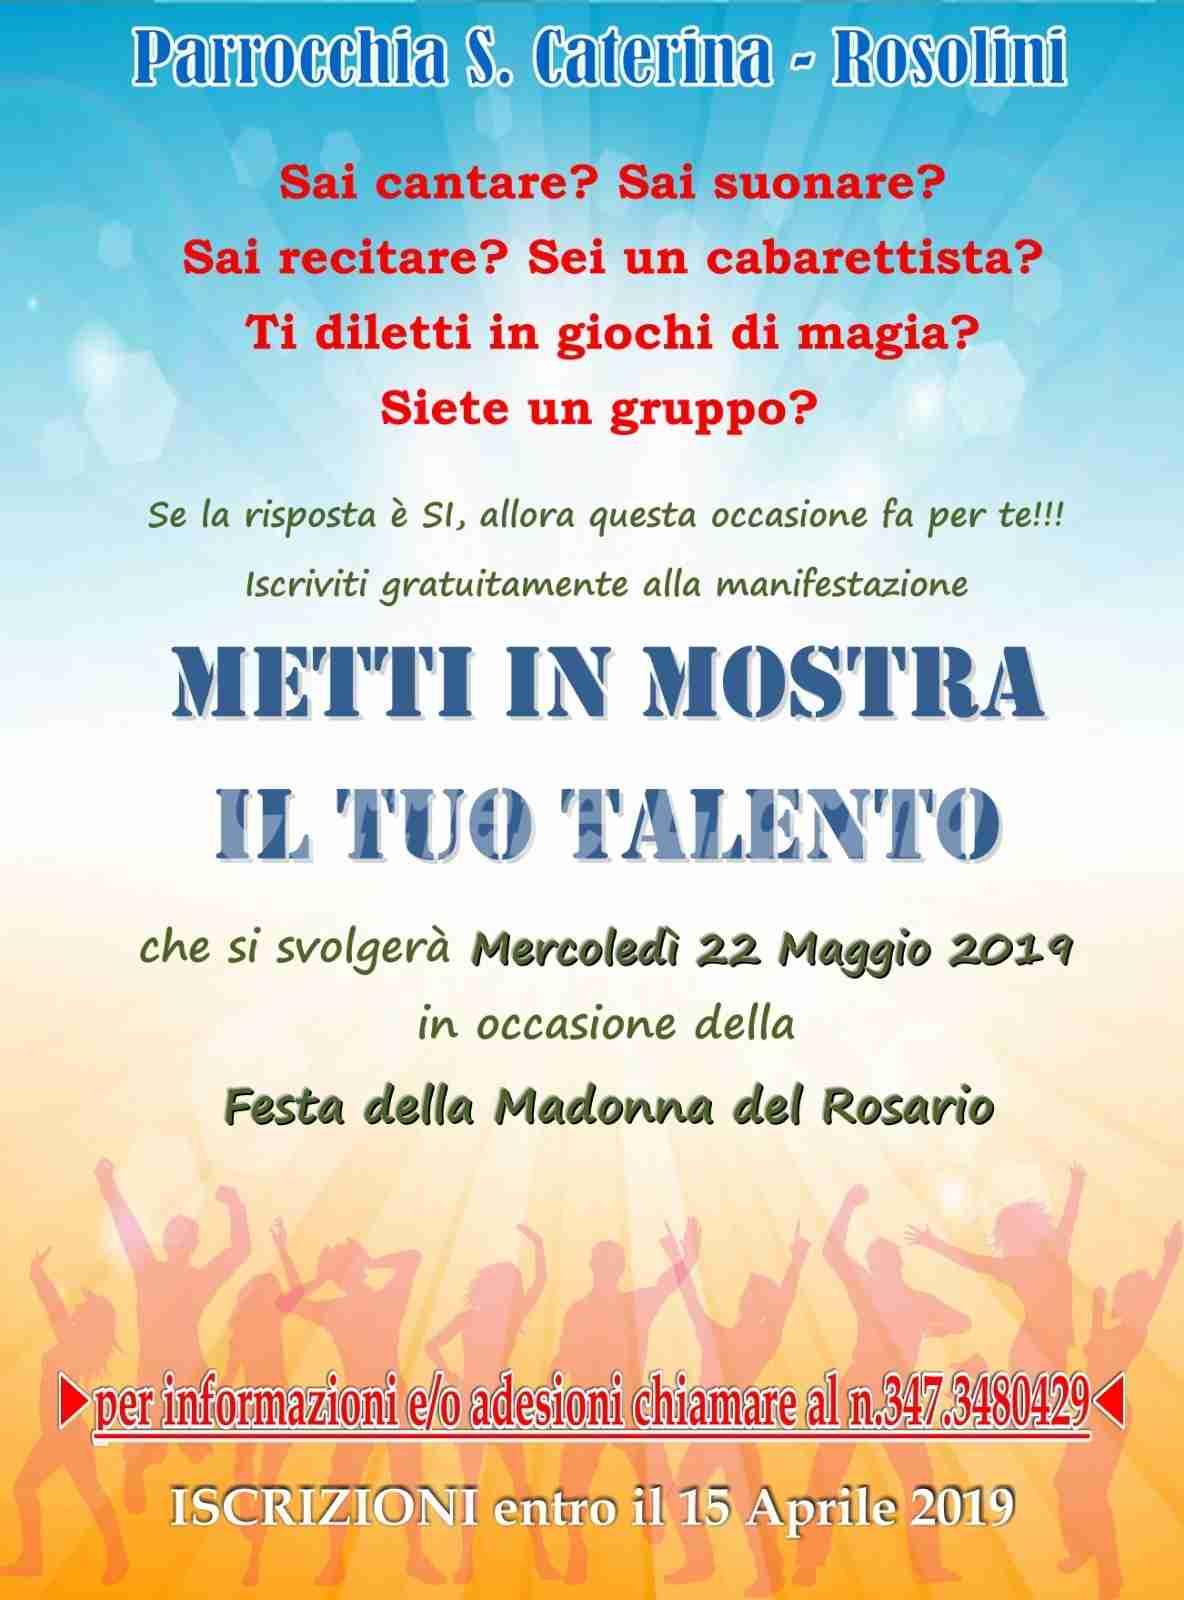 """La parrocchia S. Caterina ti invita: """"Metti in mostra il tuo talento"""". Iscrizioni entro il 15 aprile"""